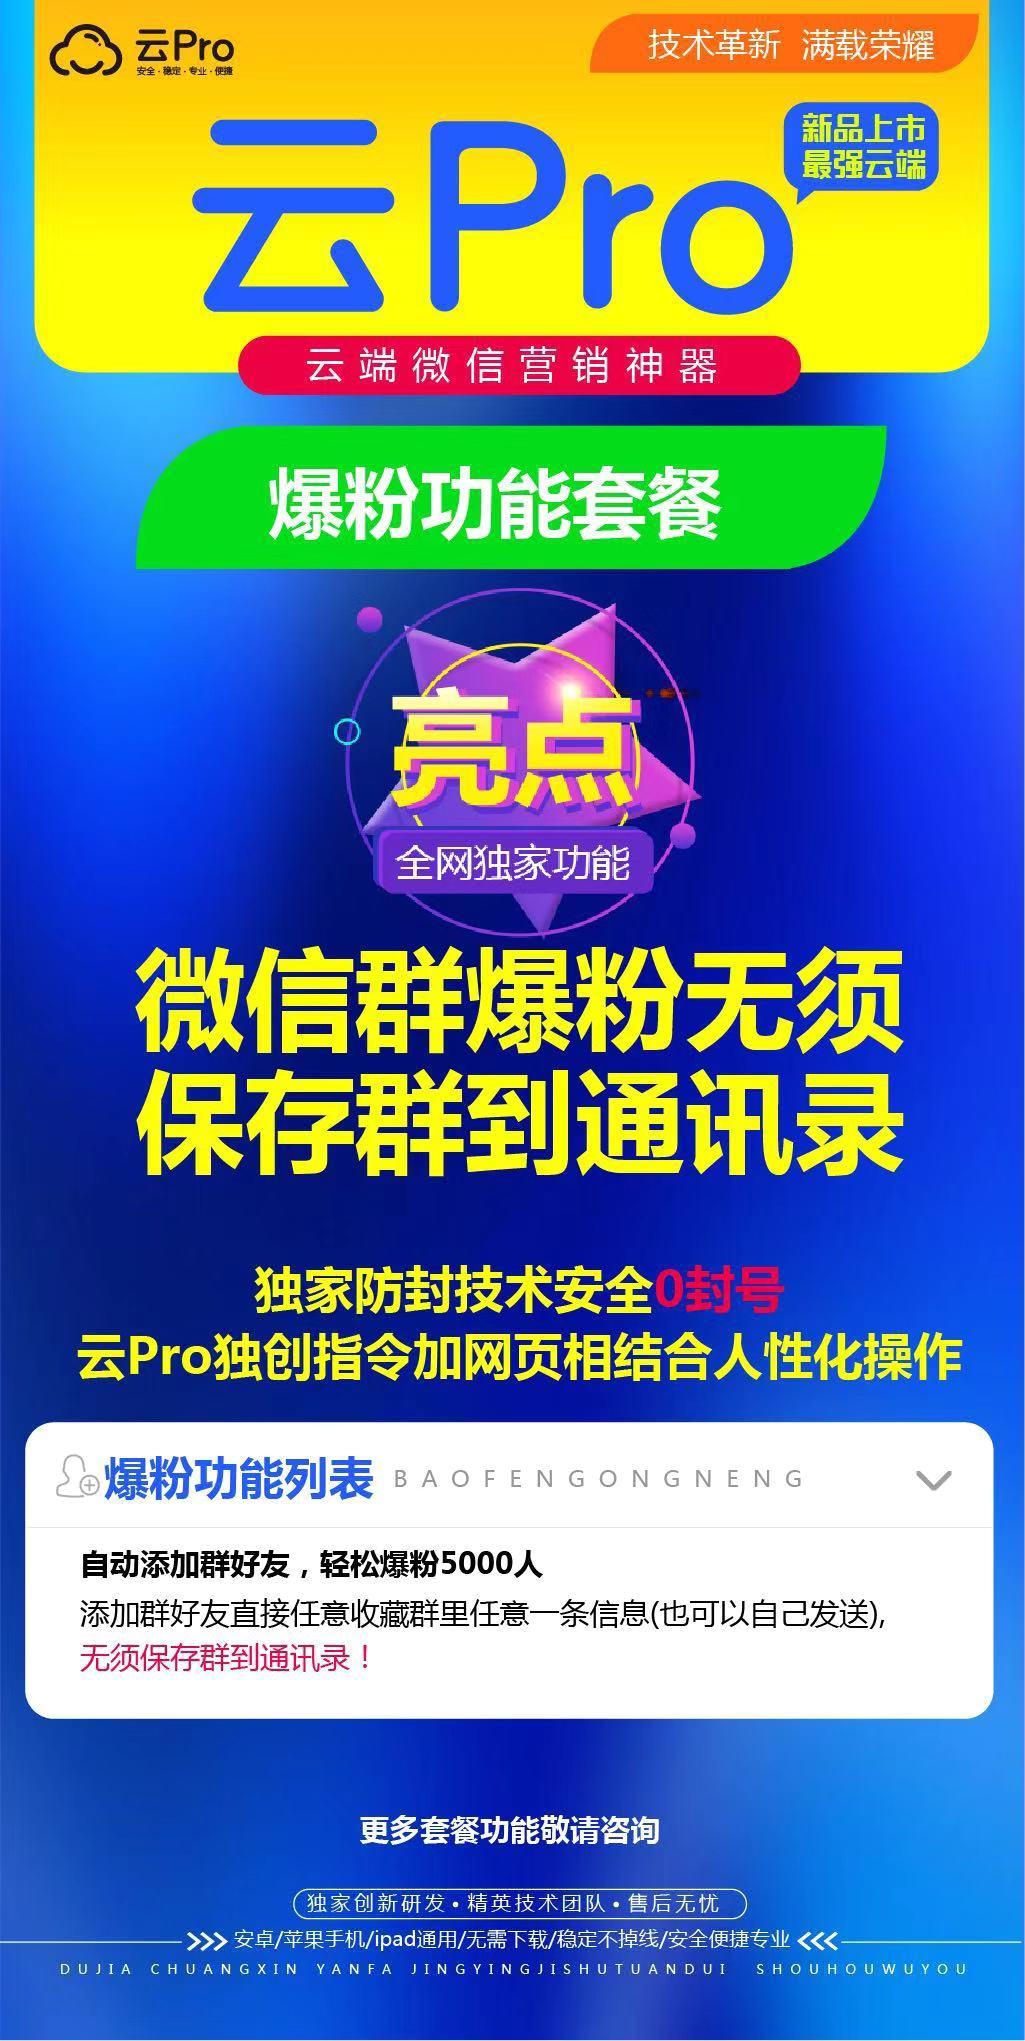 【云pro爆粉官网】云端爆粉加人群加人可选来源正版授权